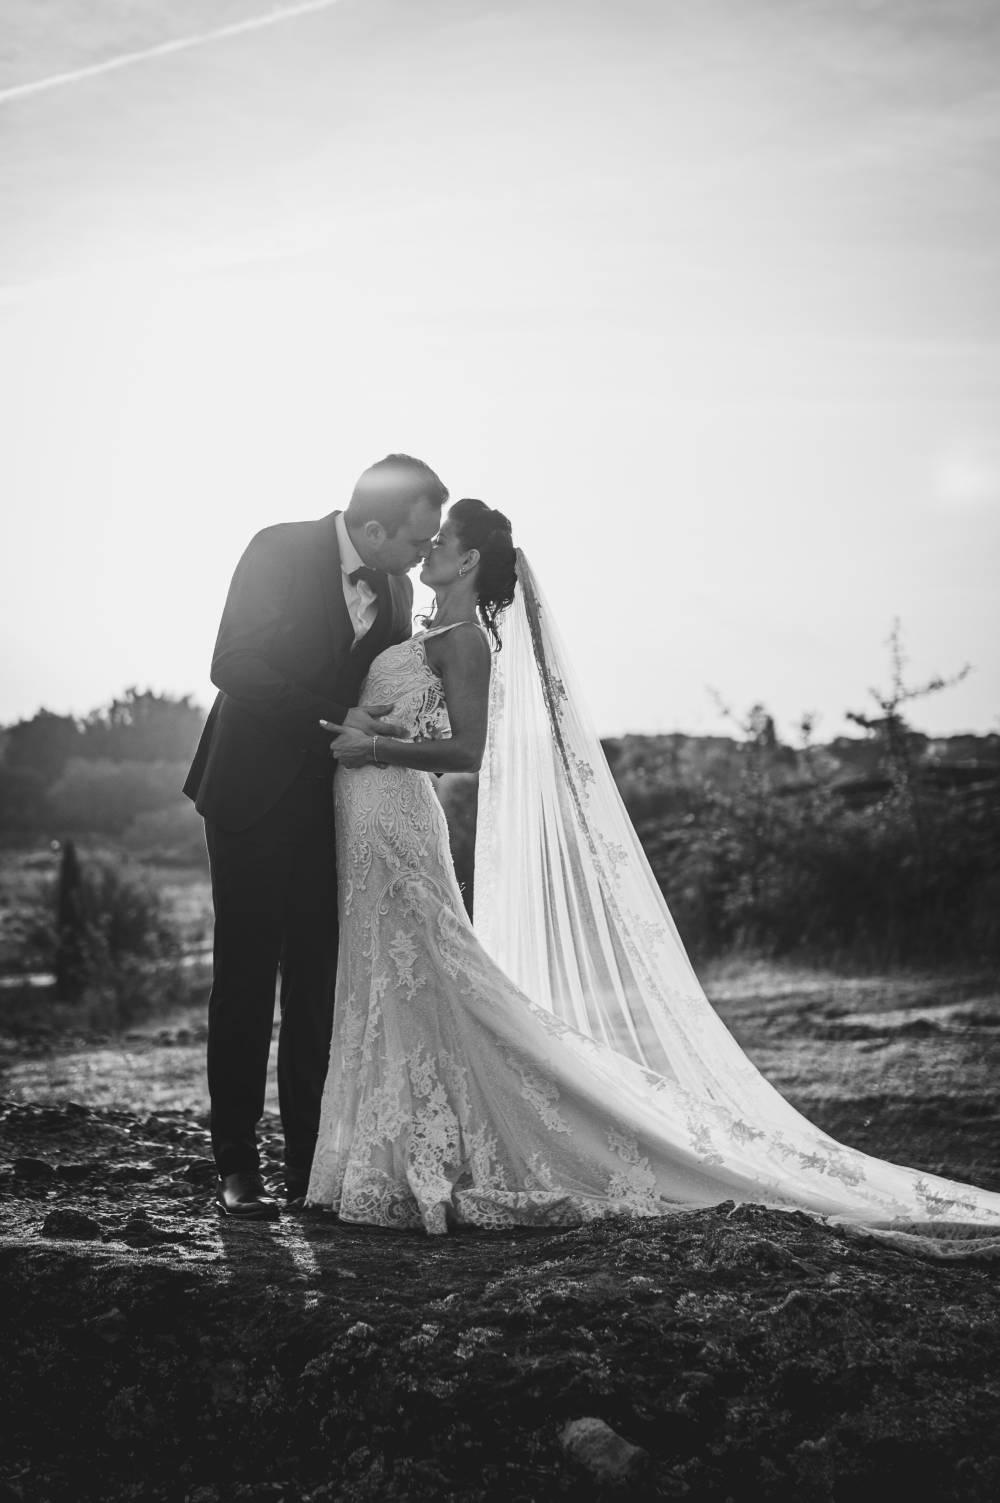 photo des mariés qui s'embrassent pris par par photographe professionnel de mariage